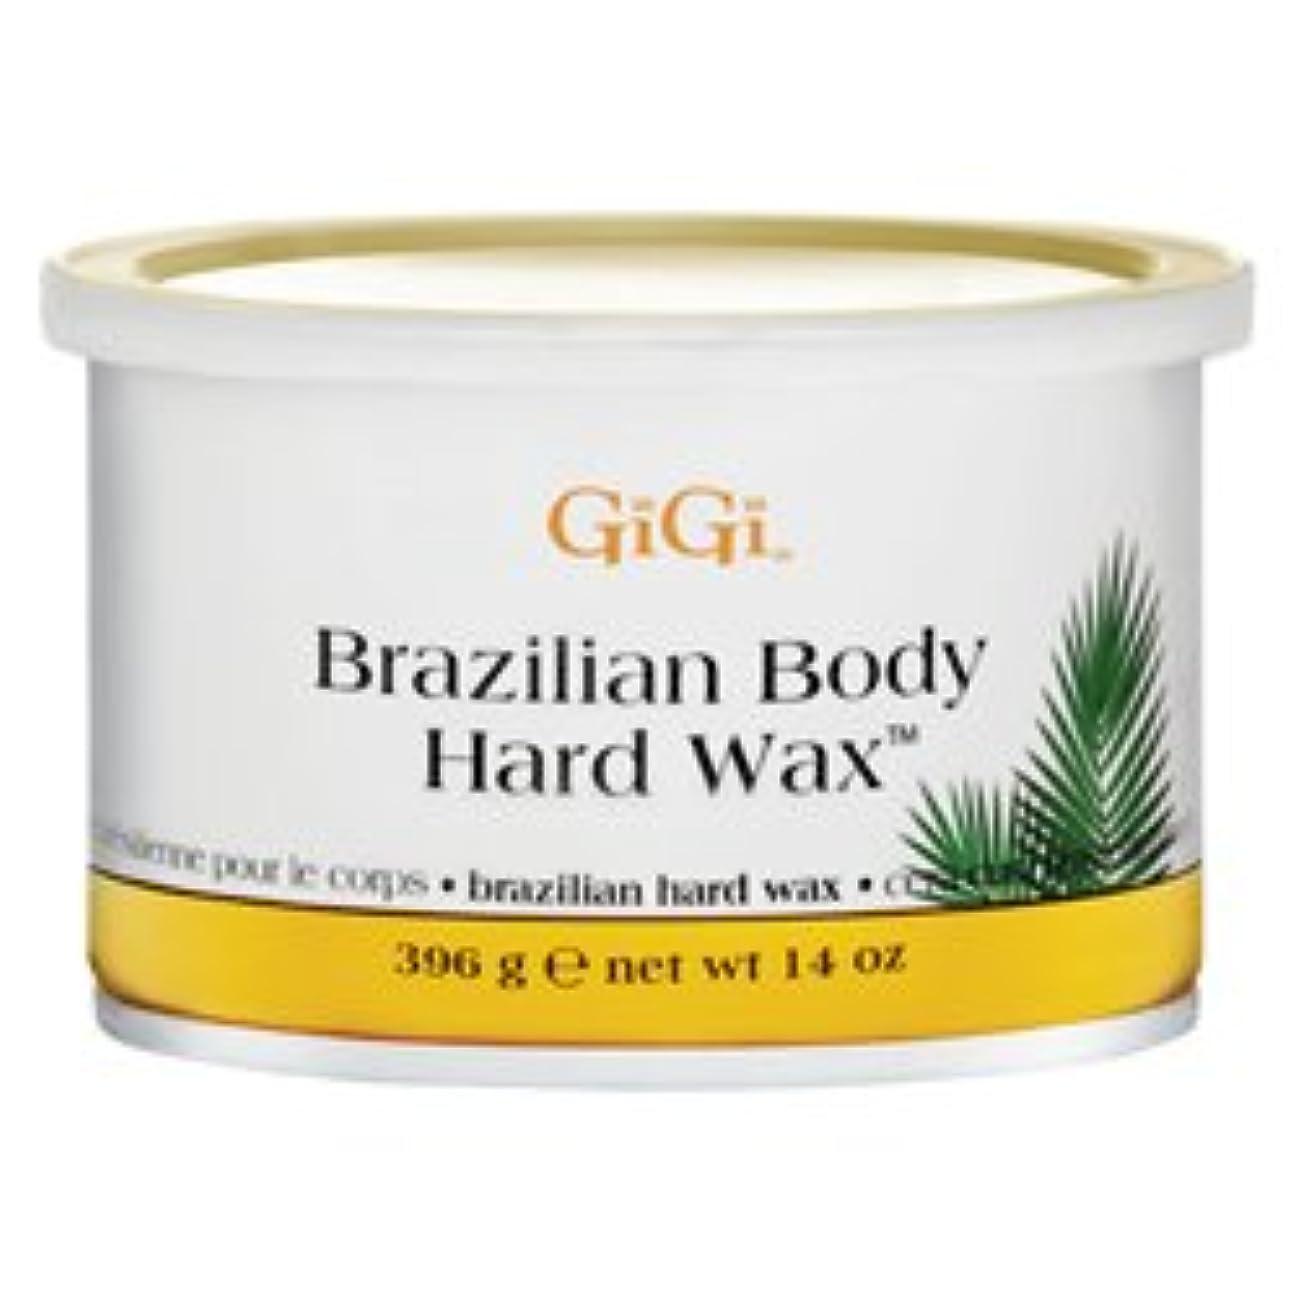 論争の的時々時々捧げるブラジリアンボディハード脱毛ワックス 396g (並行輸入品)